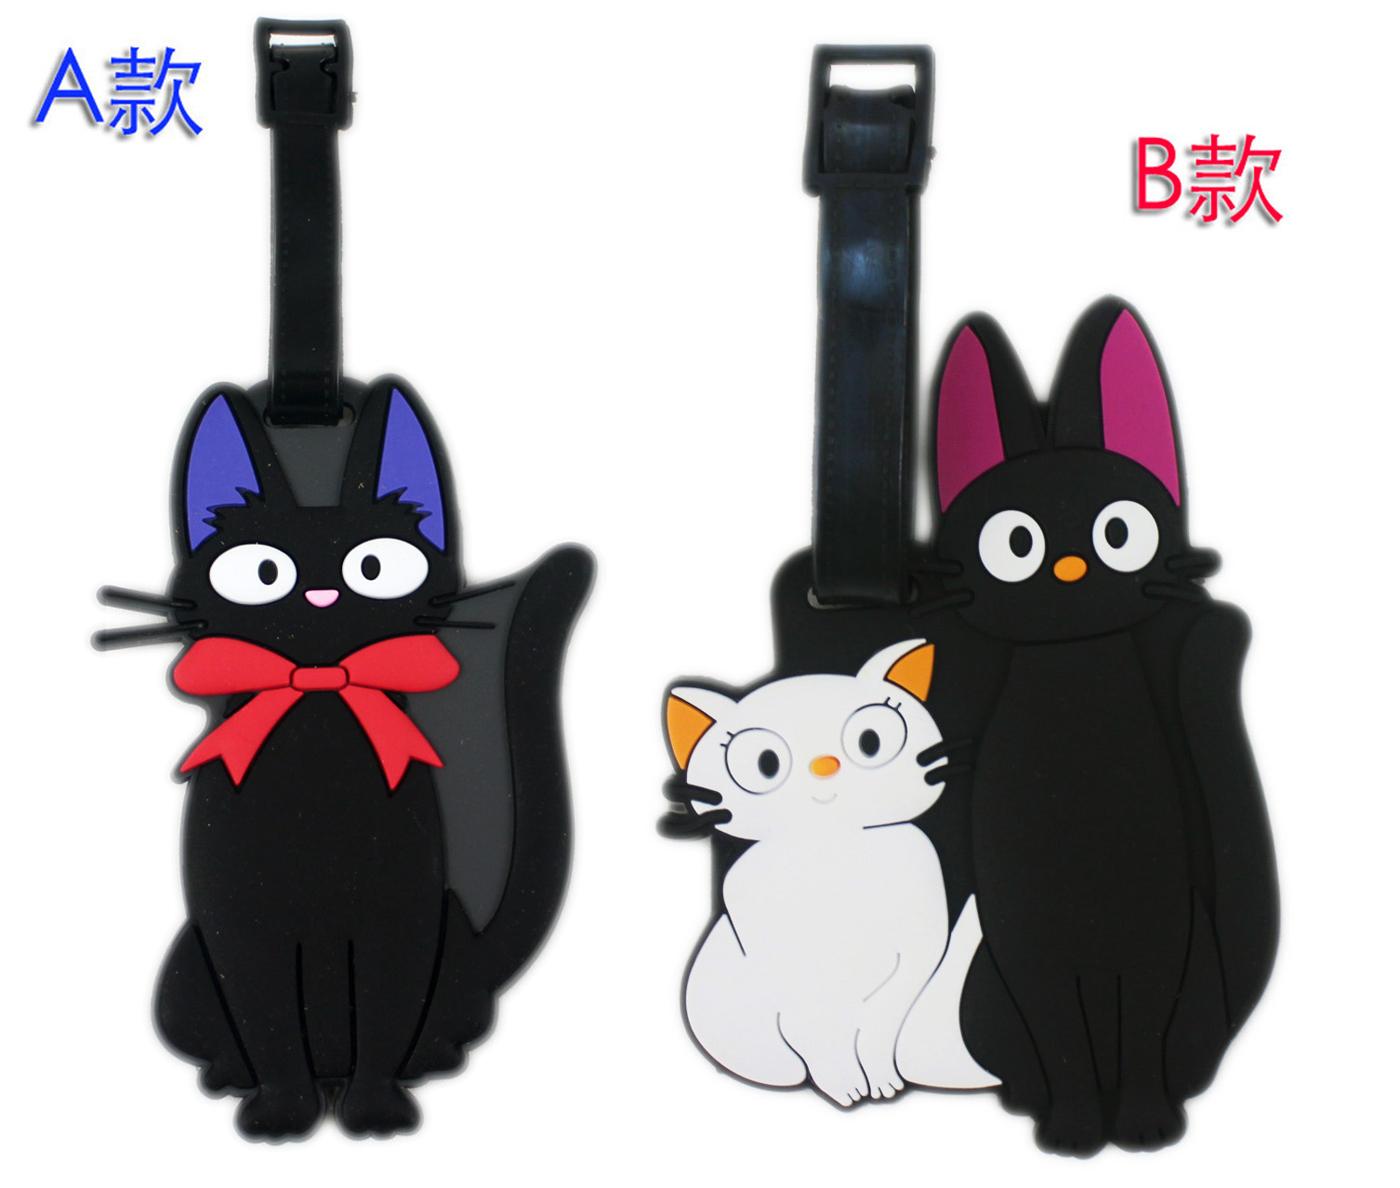 【卡漫城】 黑貓 行李吊牌 二款選一 名牌套 Kiki 行李箱 書包 識別 姓名吊牌 掛牌 送禮 貓咪 Cat